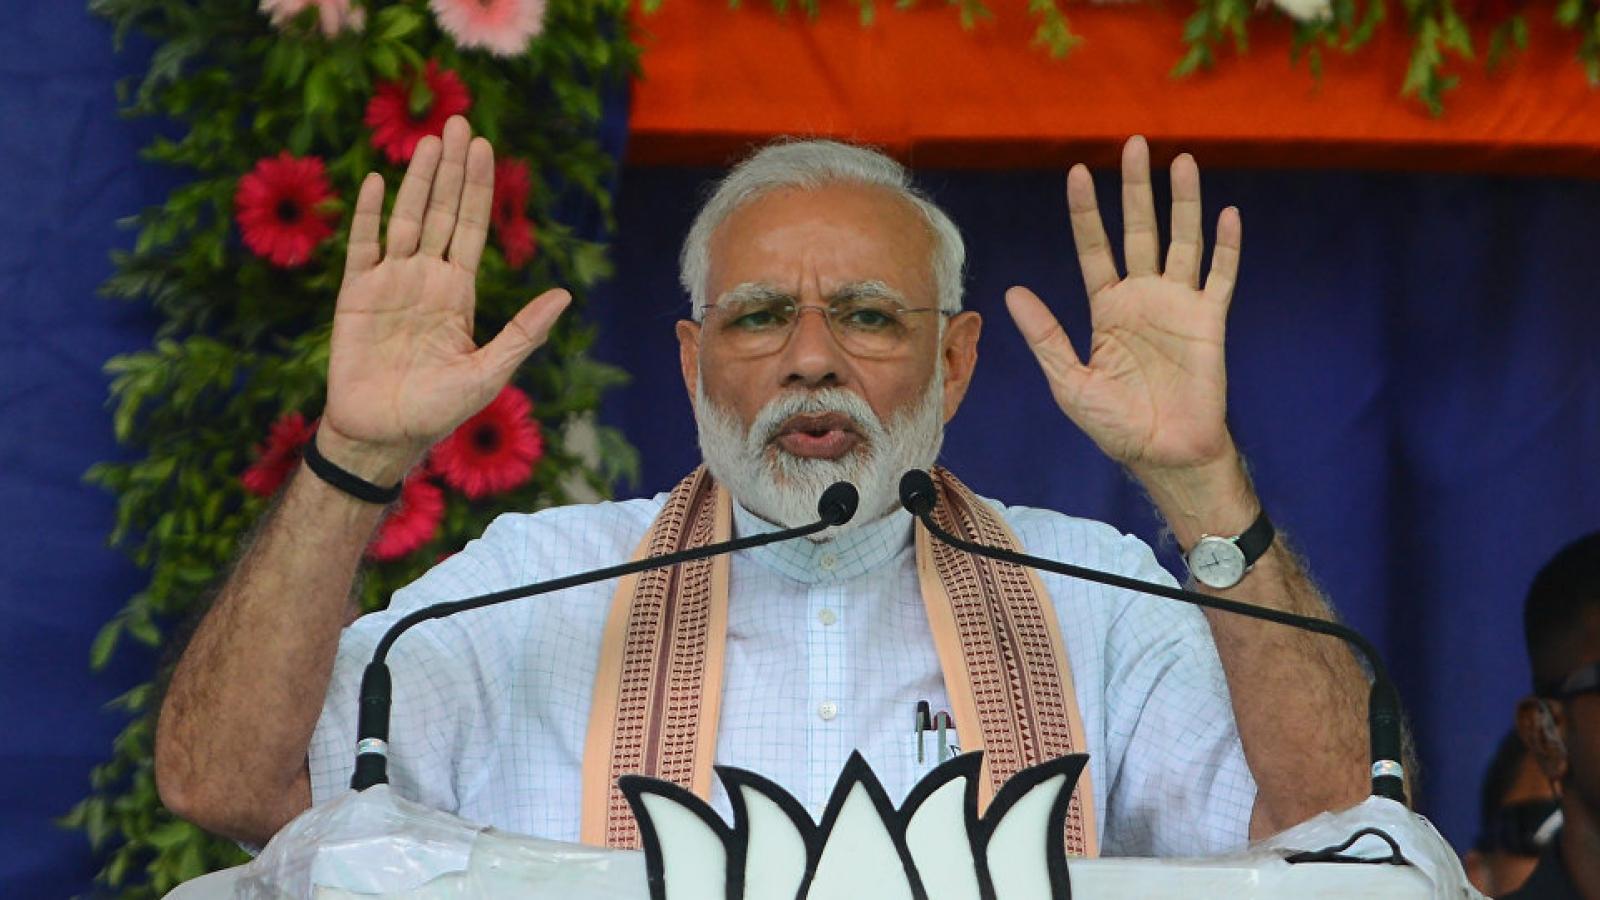 Sáng kiến Ấn Độ Dương – Thái Bình Dương nêu bật vai trò tích cực của Ấn Độ trong khu vực